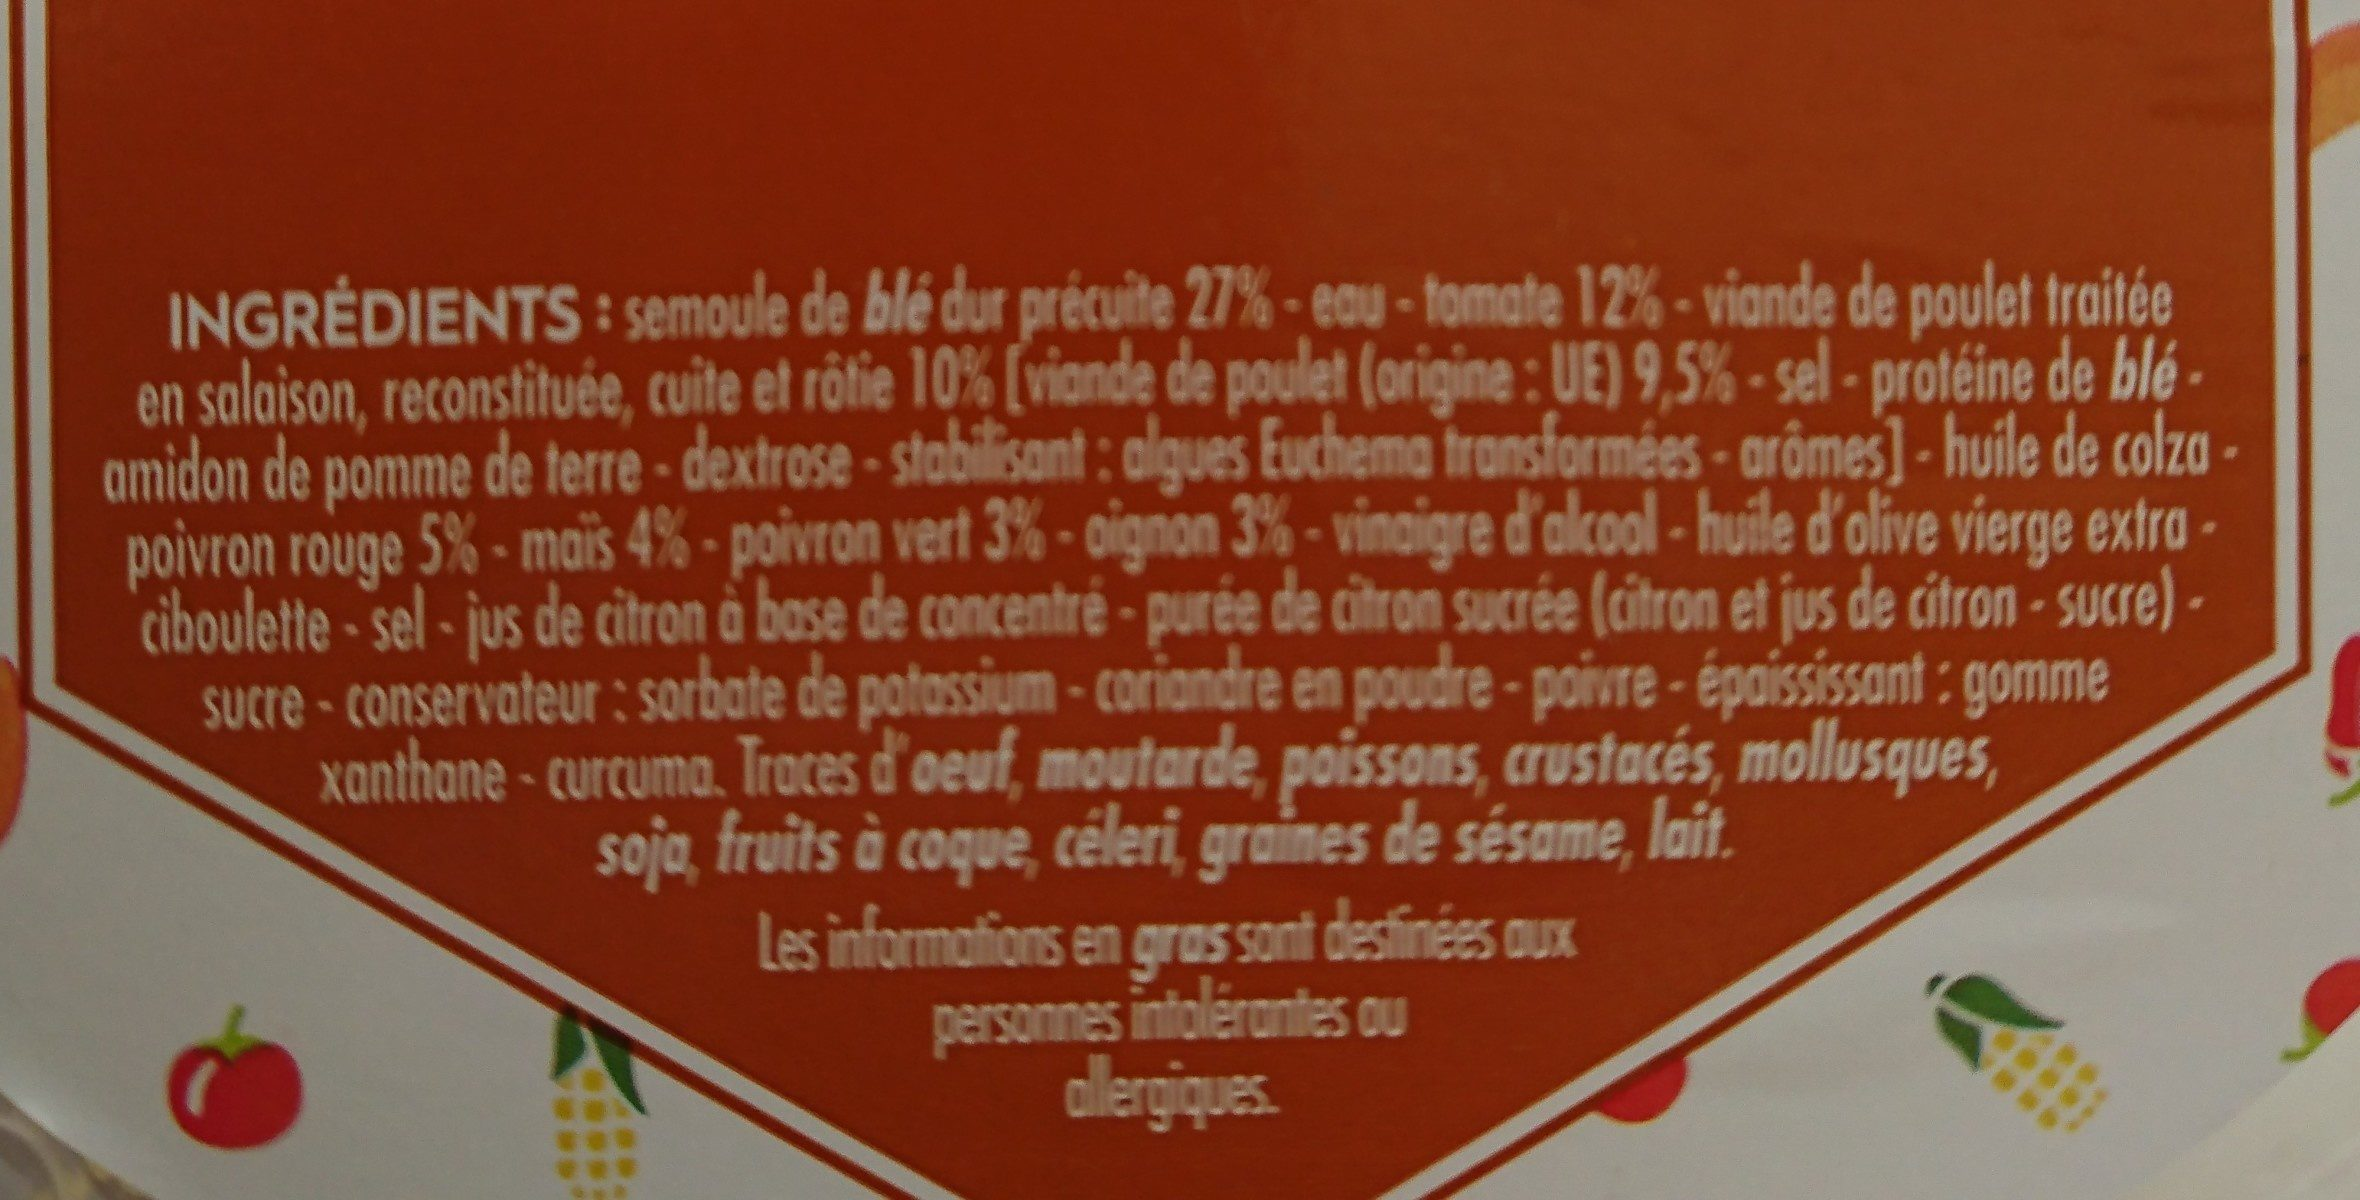 Taboulé au poulet rôti - Ingredients